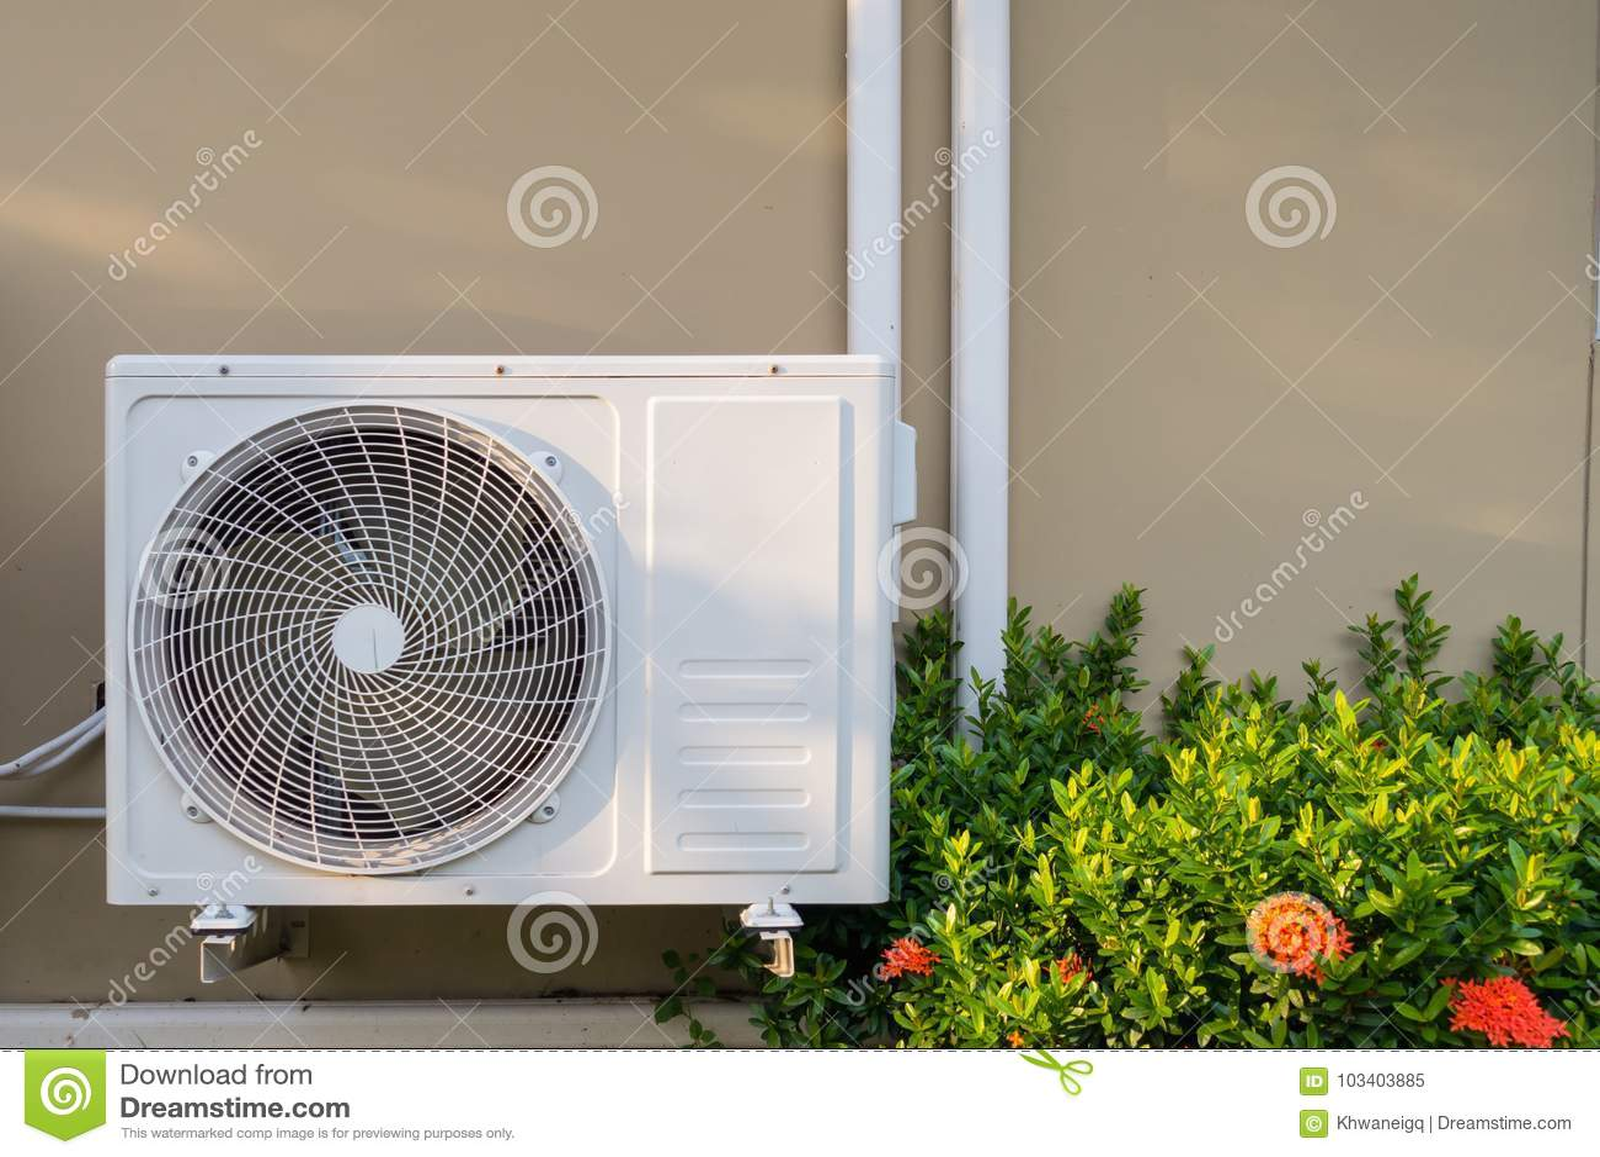 在buildin墙壁上埋置的空调系统设施